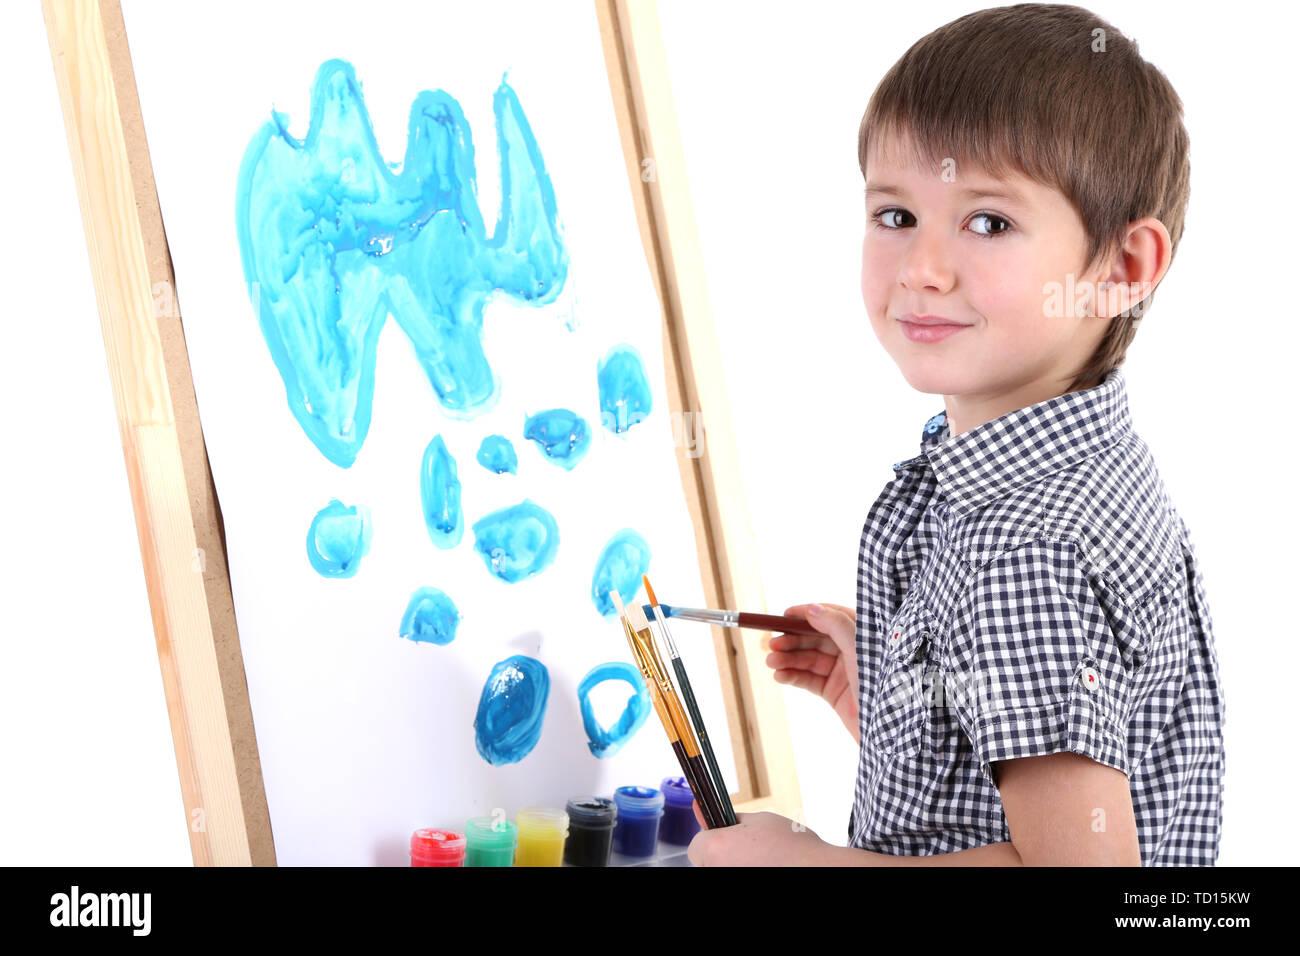 Kleiner Junge Malerei Malt Auf Staffelei Isoliert Auf Weissem Stockfotografie Alamy